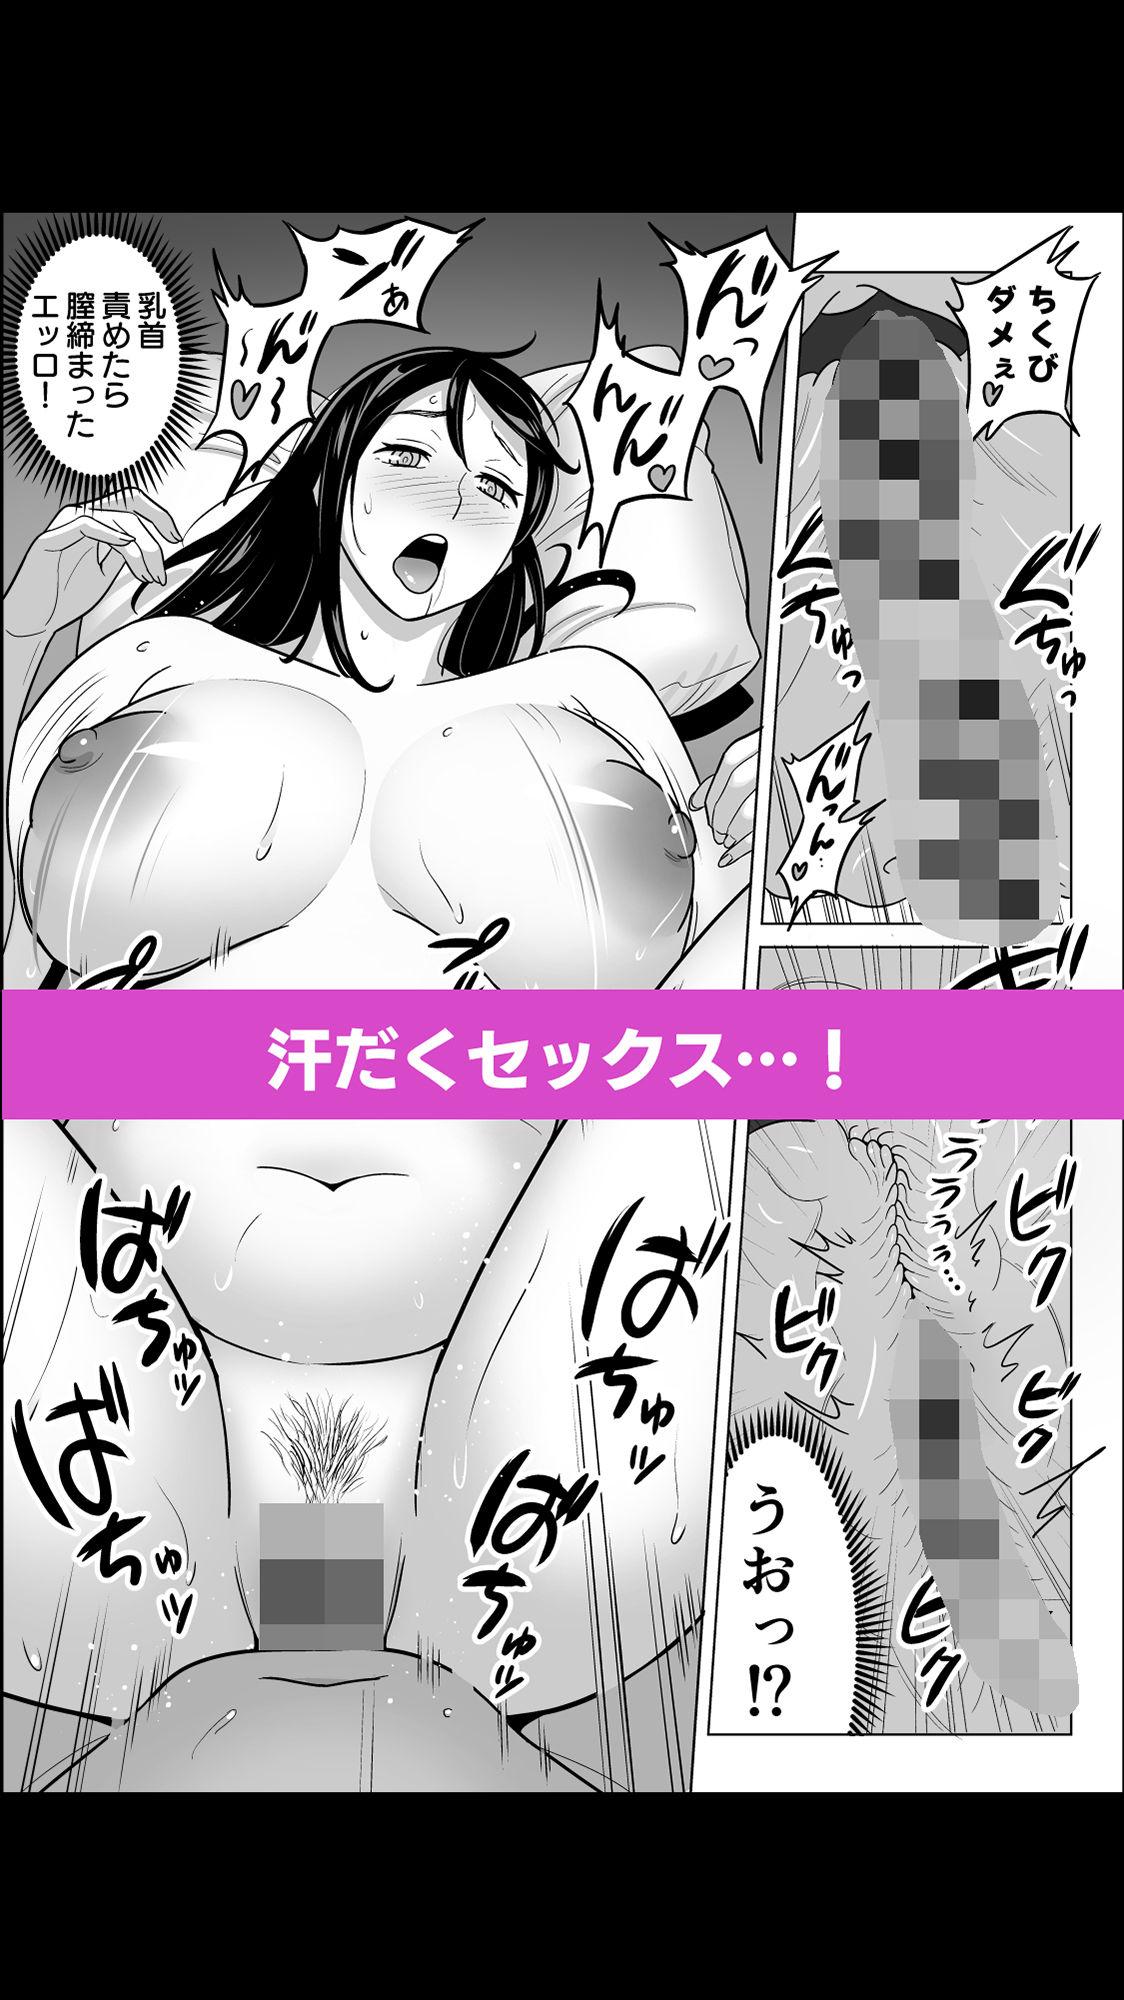 【エロ漫画】朗報!激安風俗で大当たり引いたwww最強コスパ嬢と秘密の関係!「サークル:アルプス一万堂」【同人誌・コミック】#8